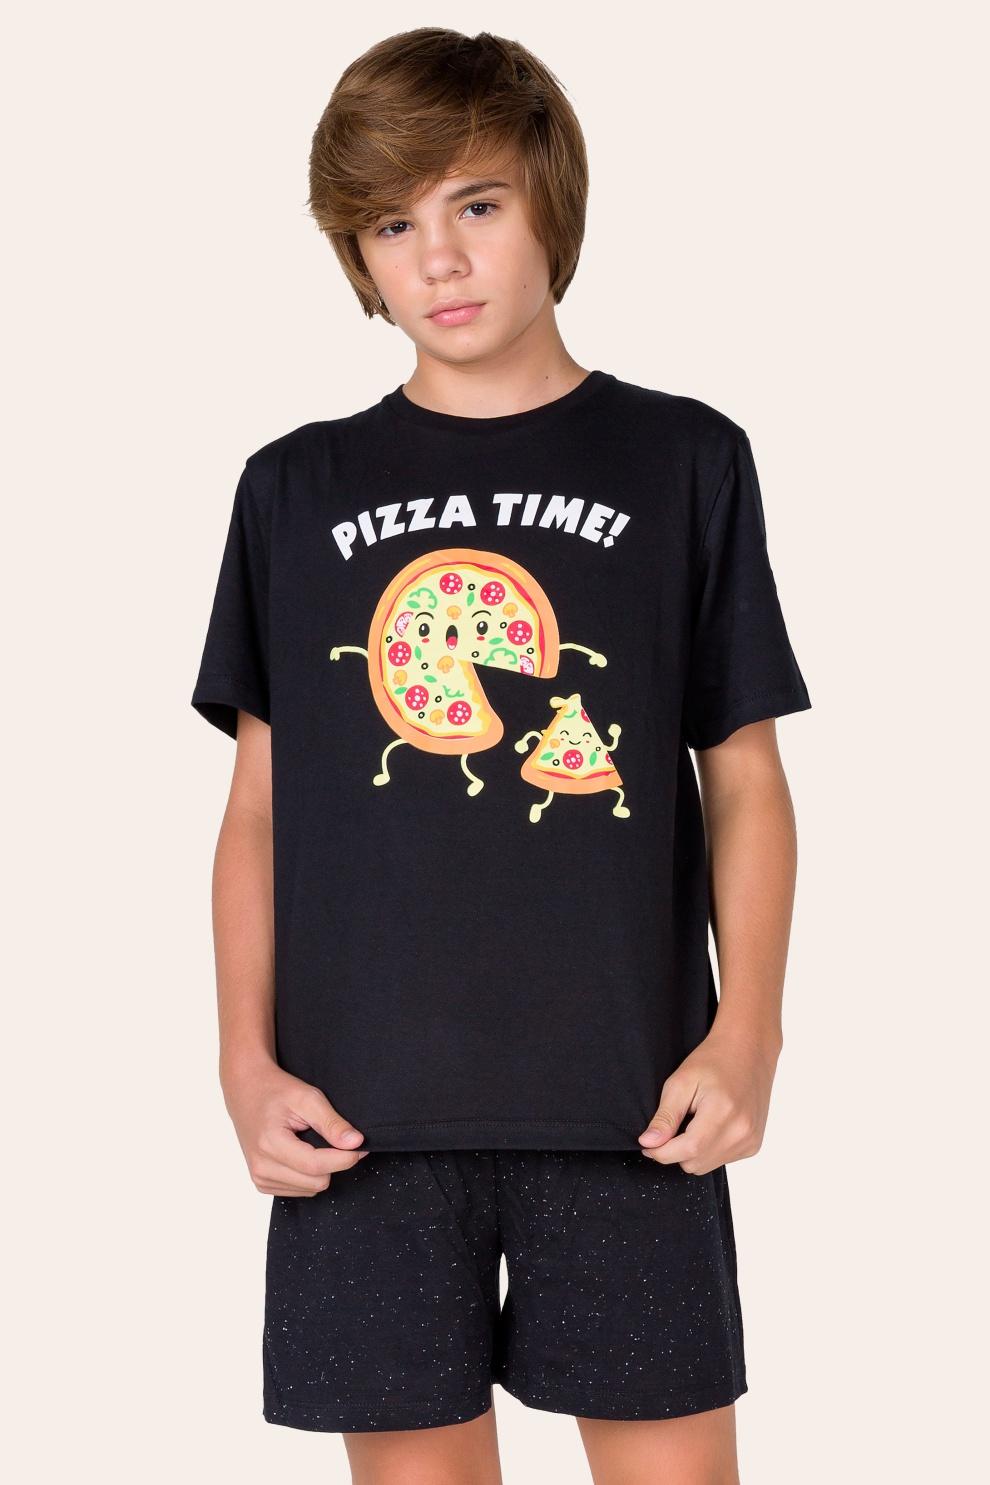 041/E - Pijama Juvenil Masculino  Pizza Time - Família